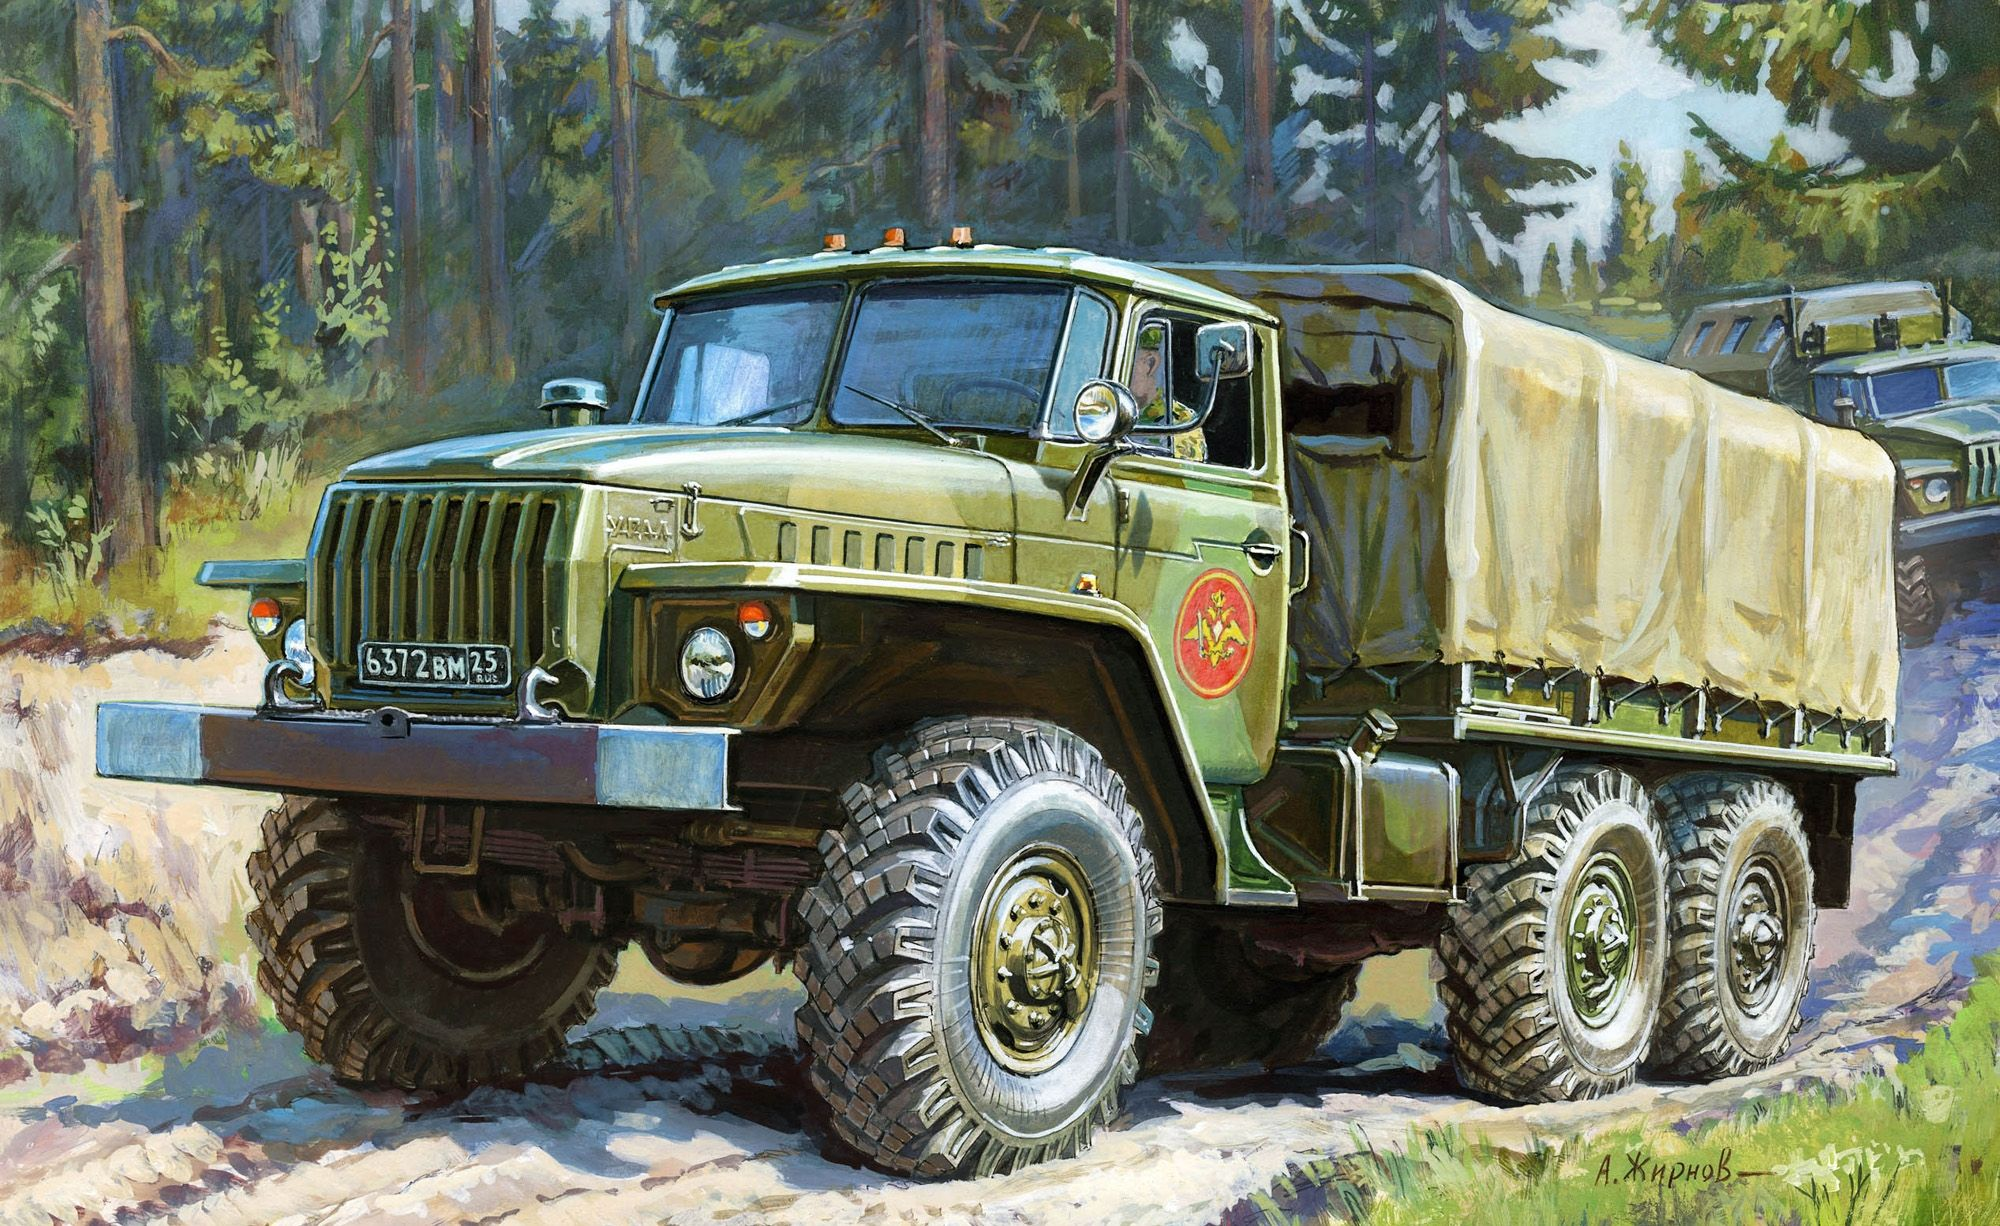 праздникам картинки на армейскую тематику автомобильные необходим для